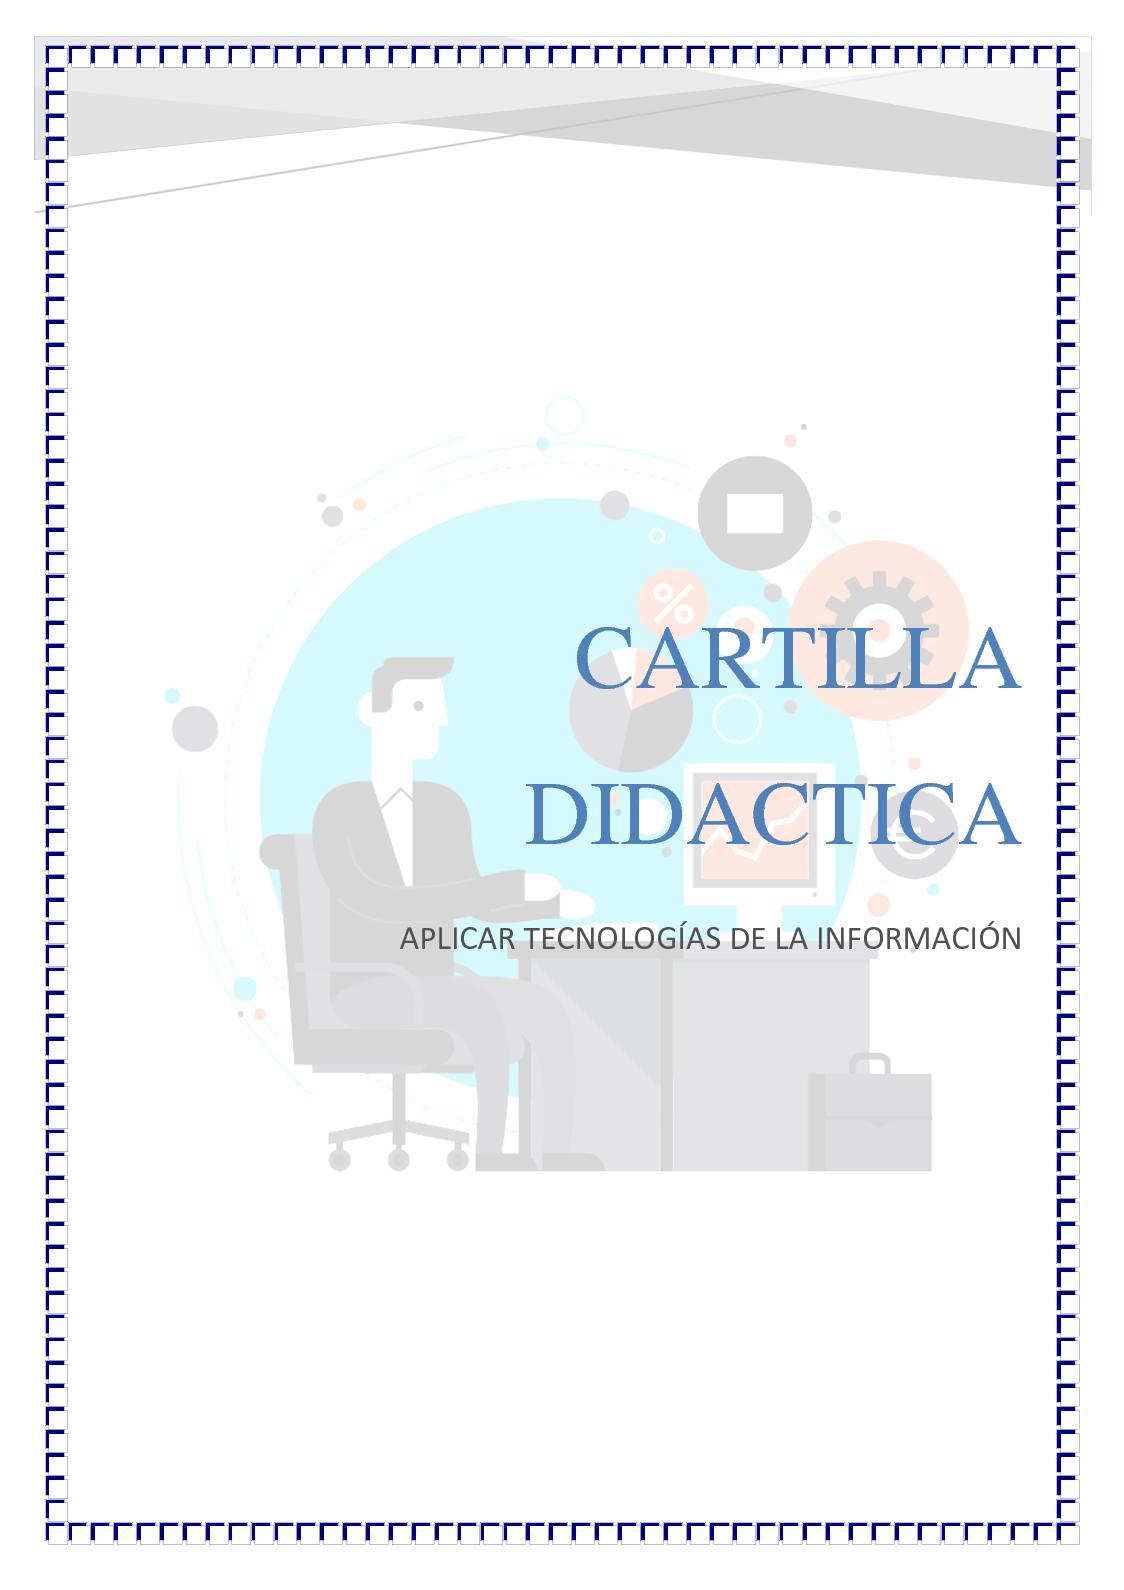 Calaméo - Cartilla Didactica Tic